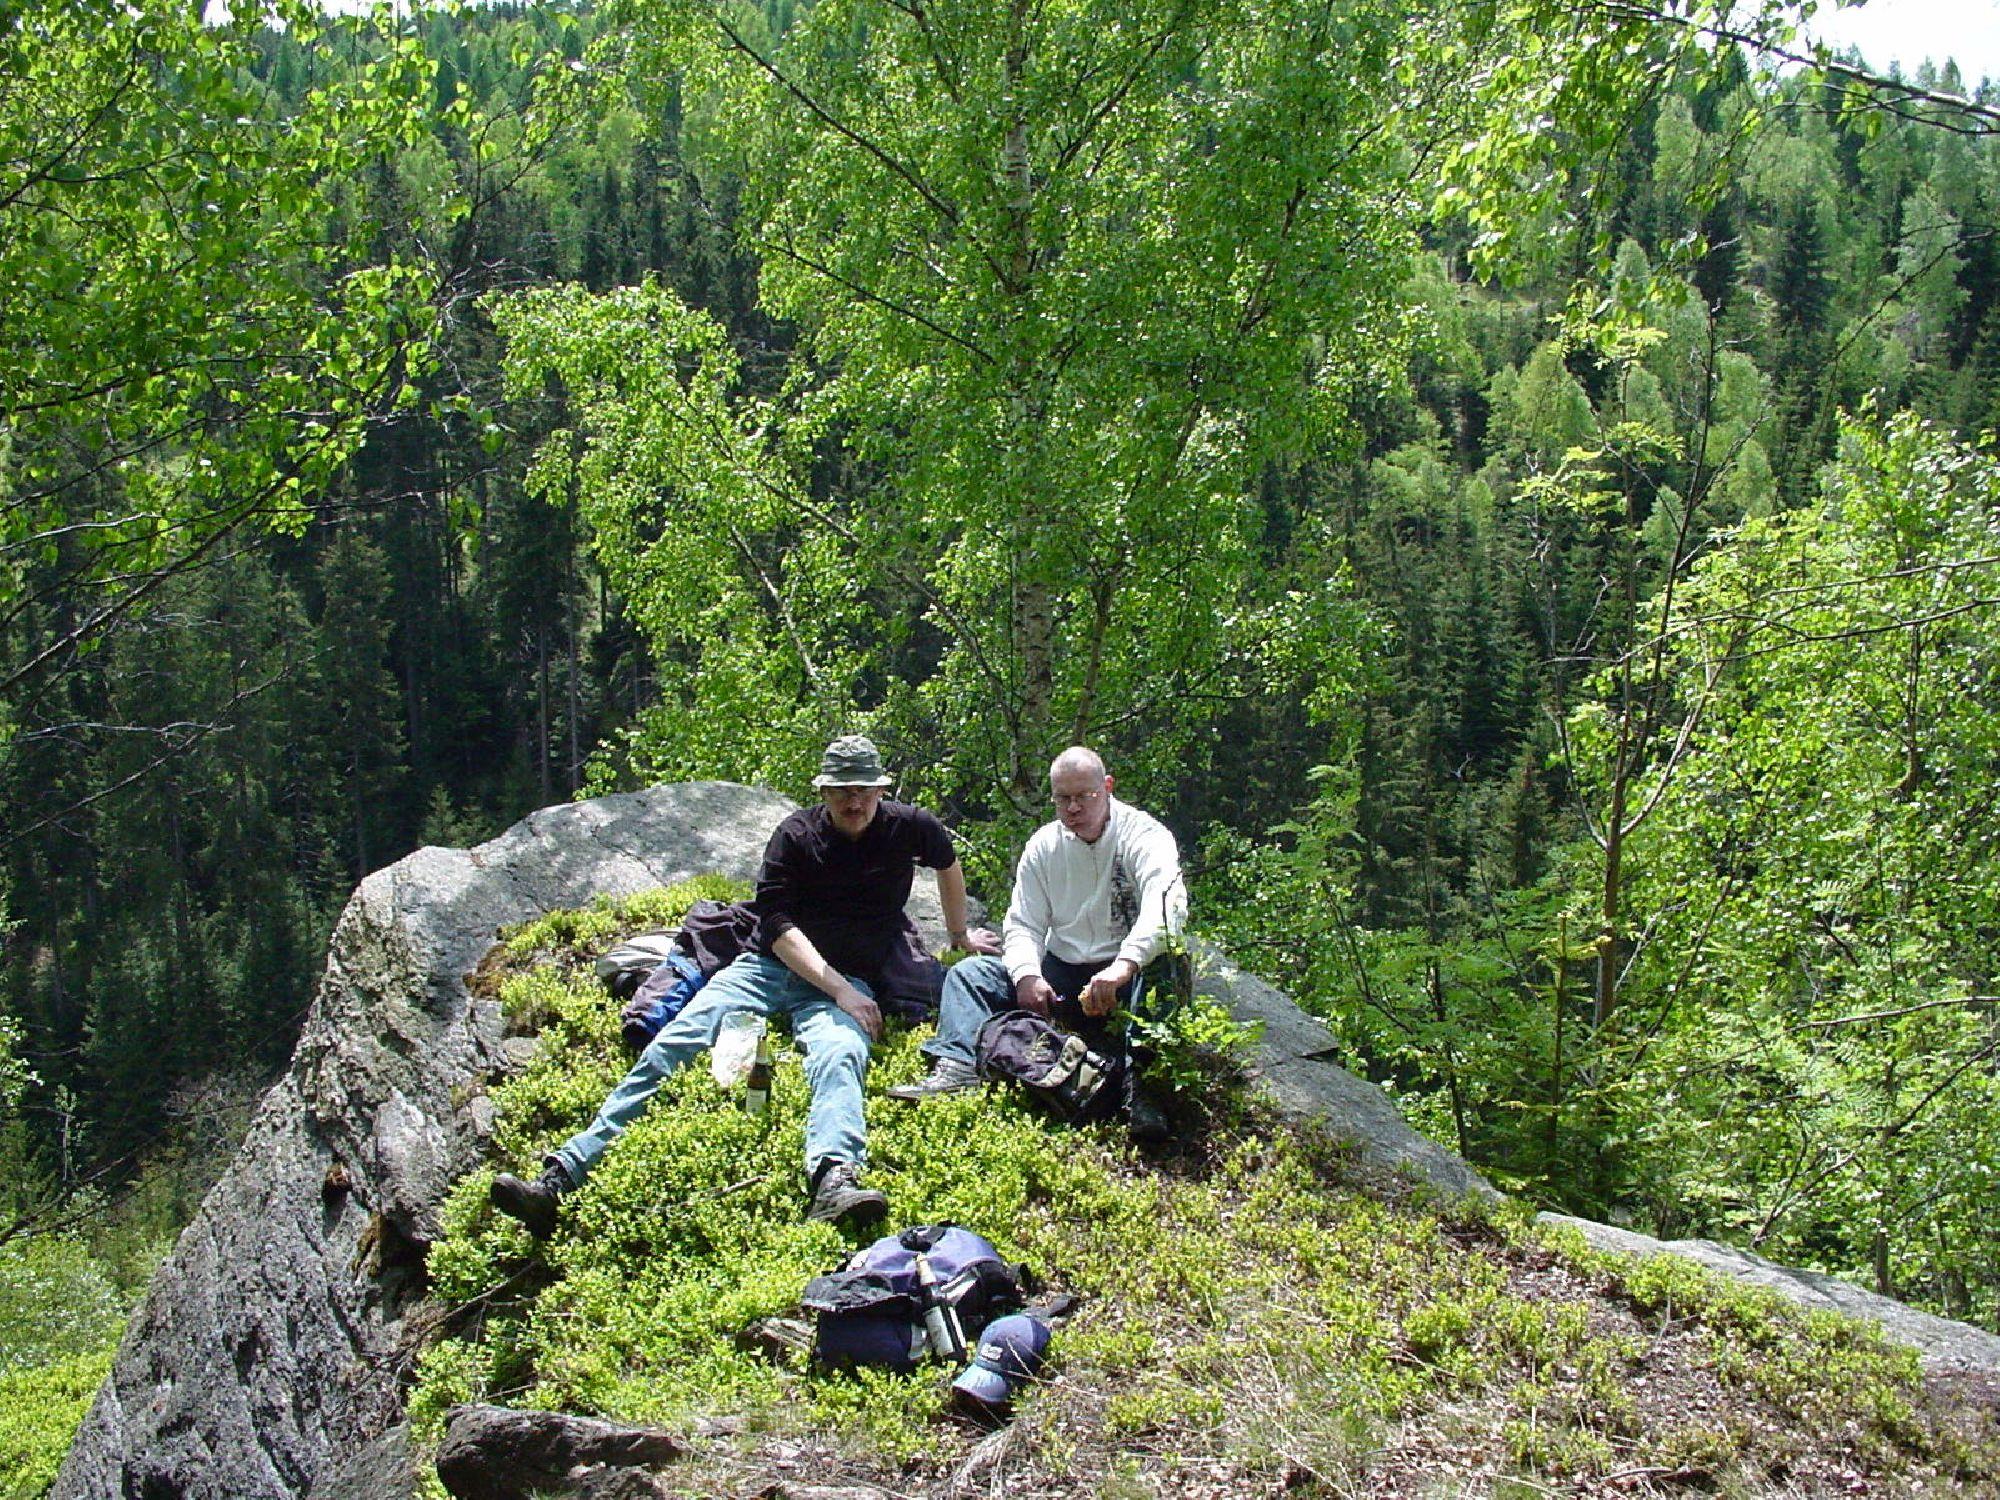 Rast auf dem Felsen oberhalb der Lochmühle